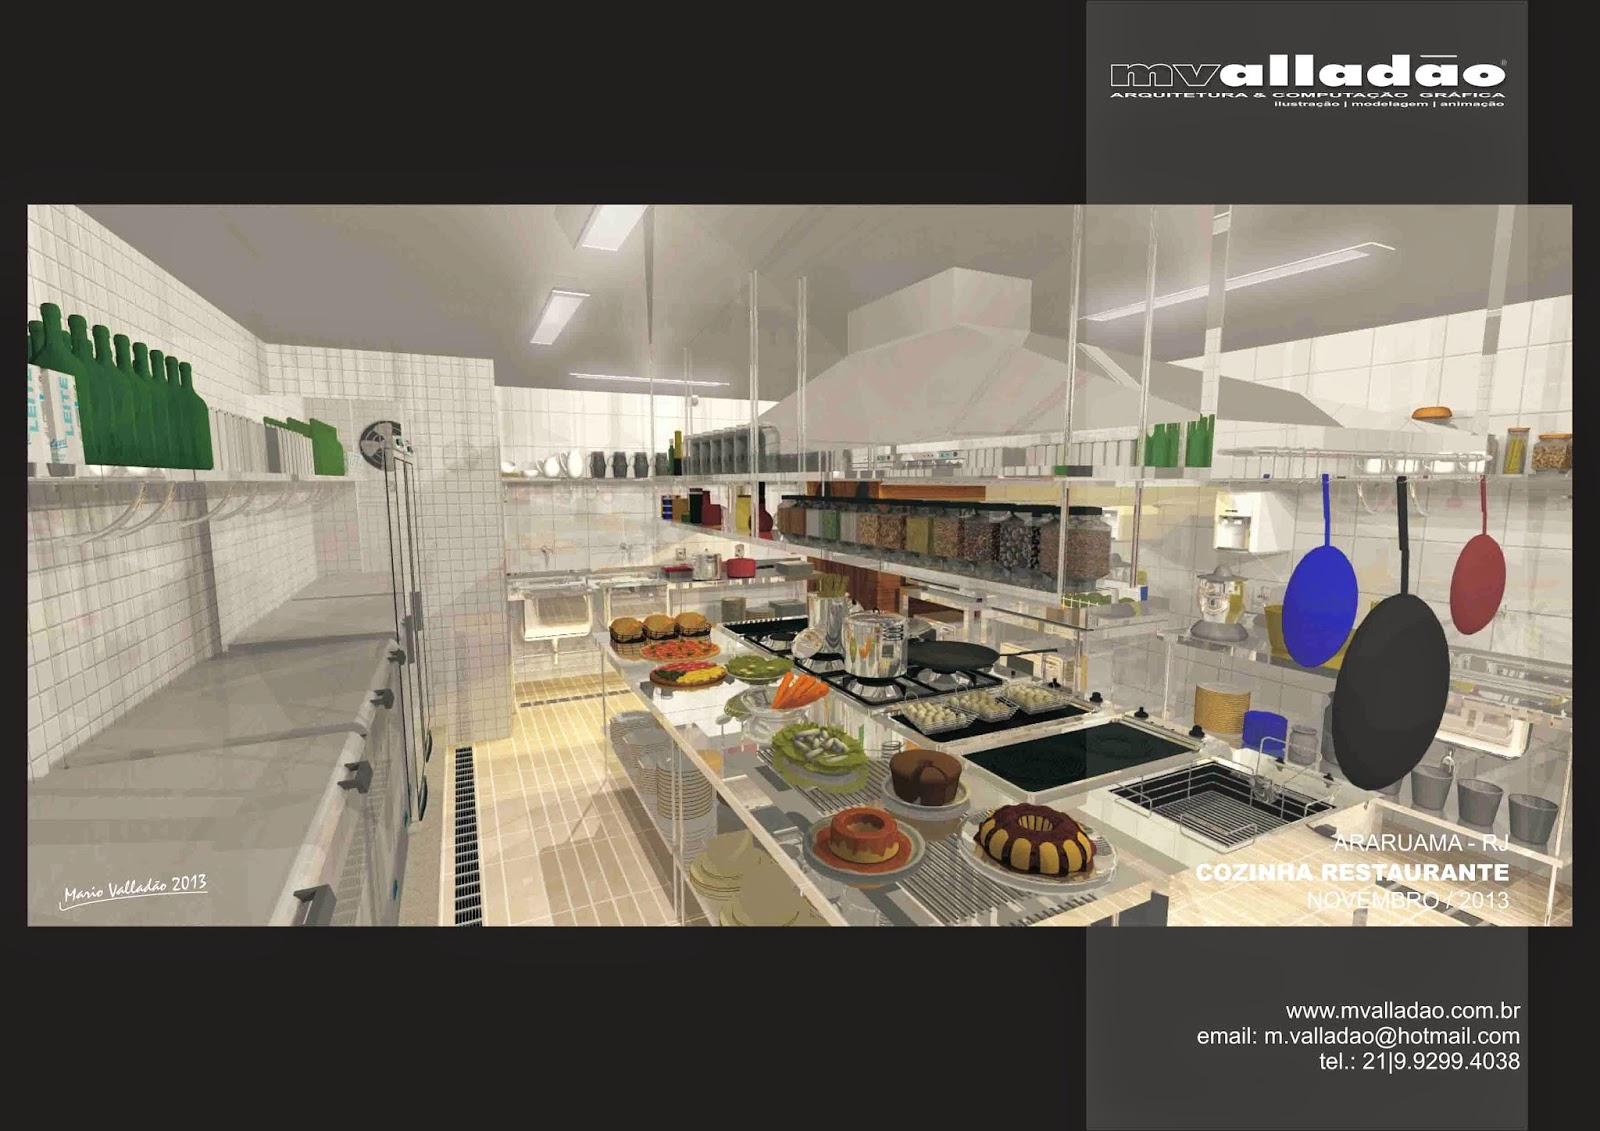 gráfica: Cozinha de Restaurante Vila Capri Araruama RJ #2B2BA0 1600 1131